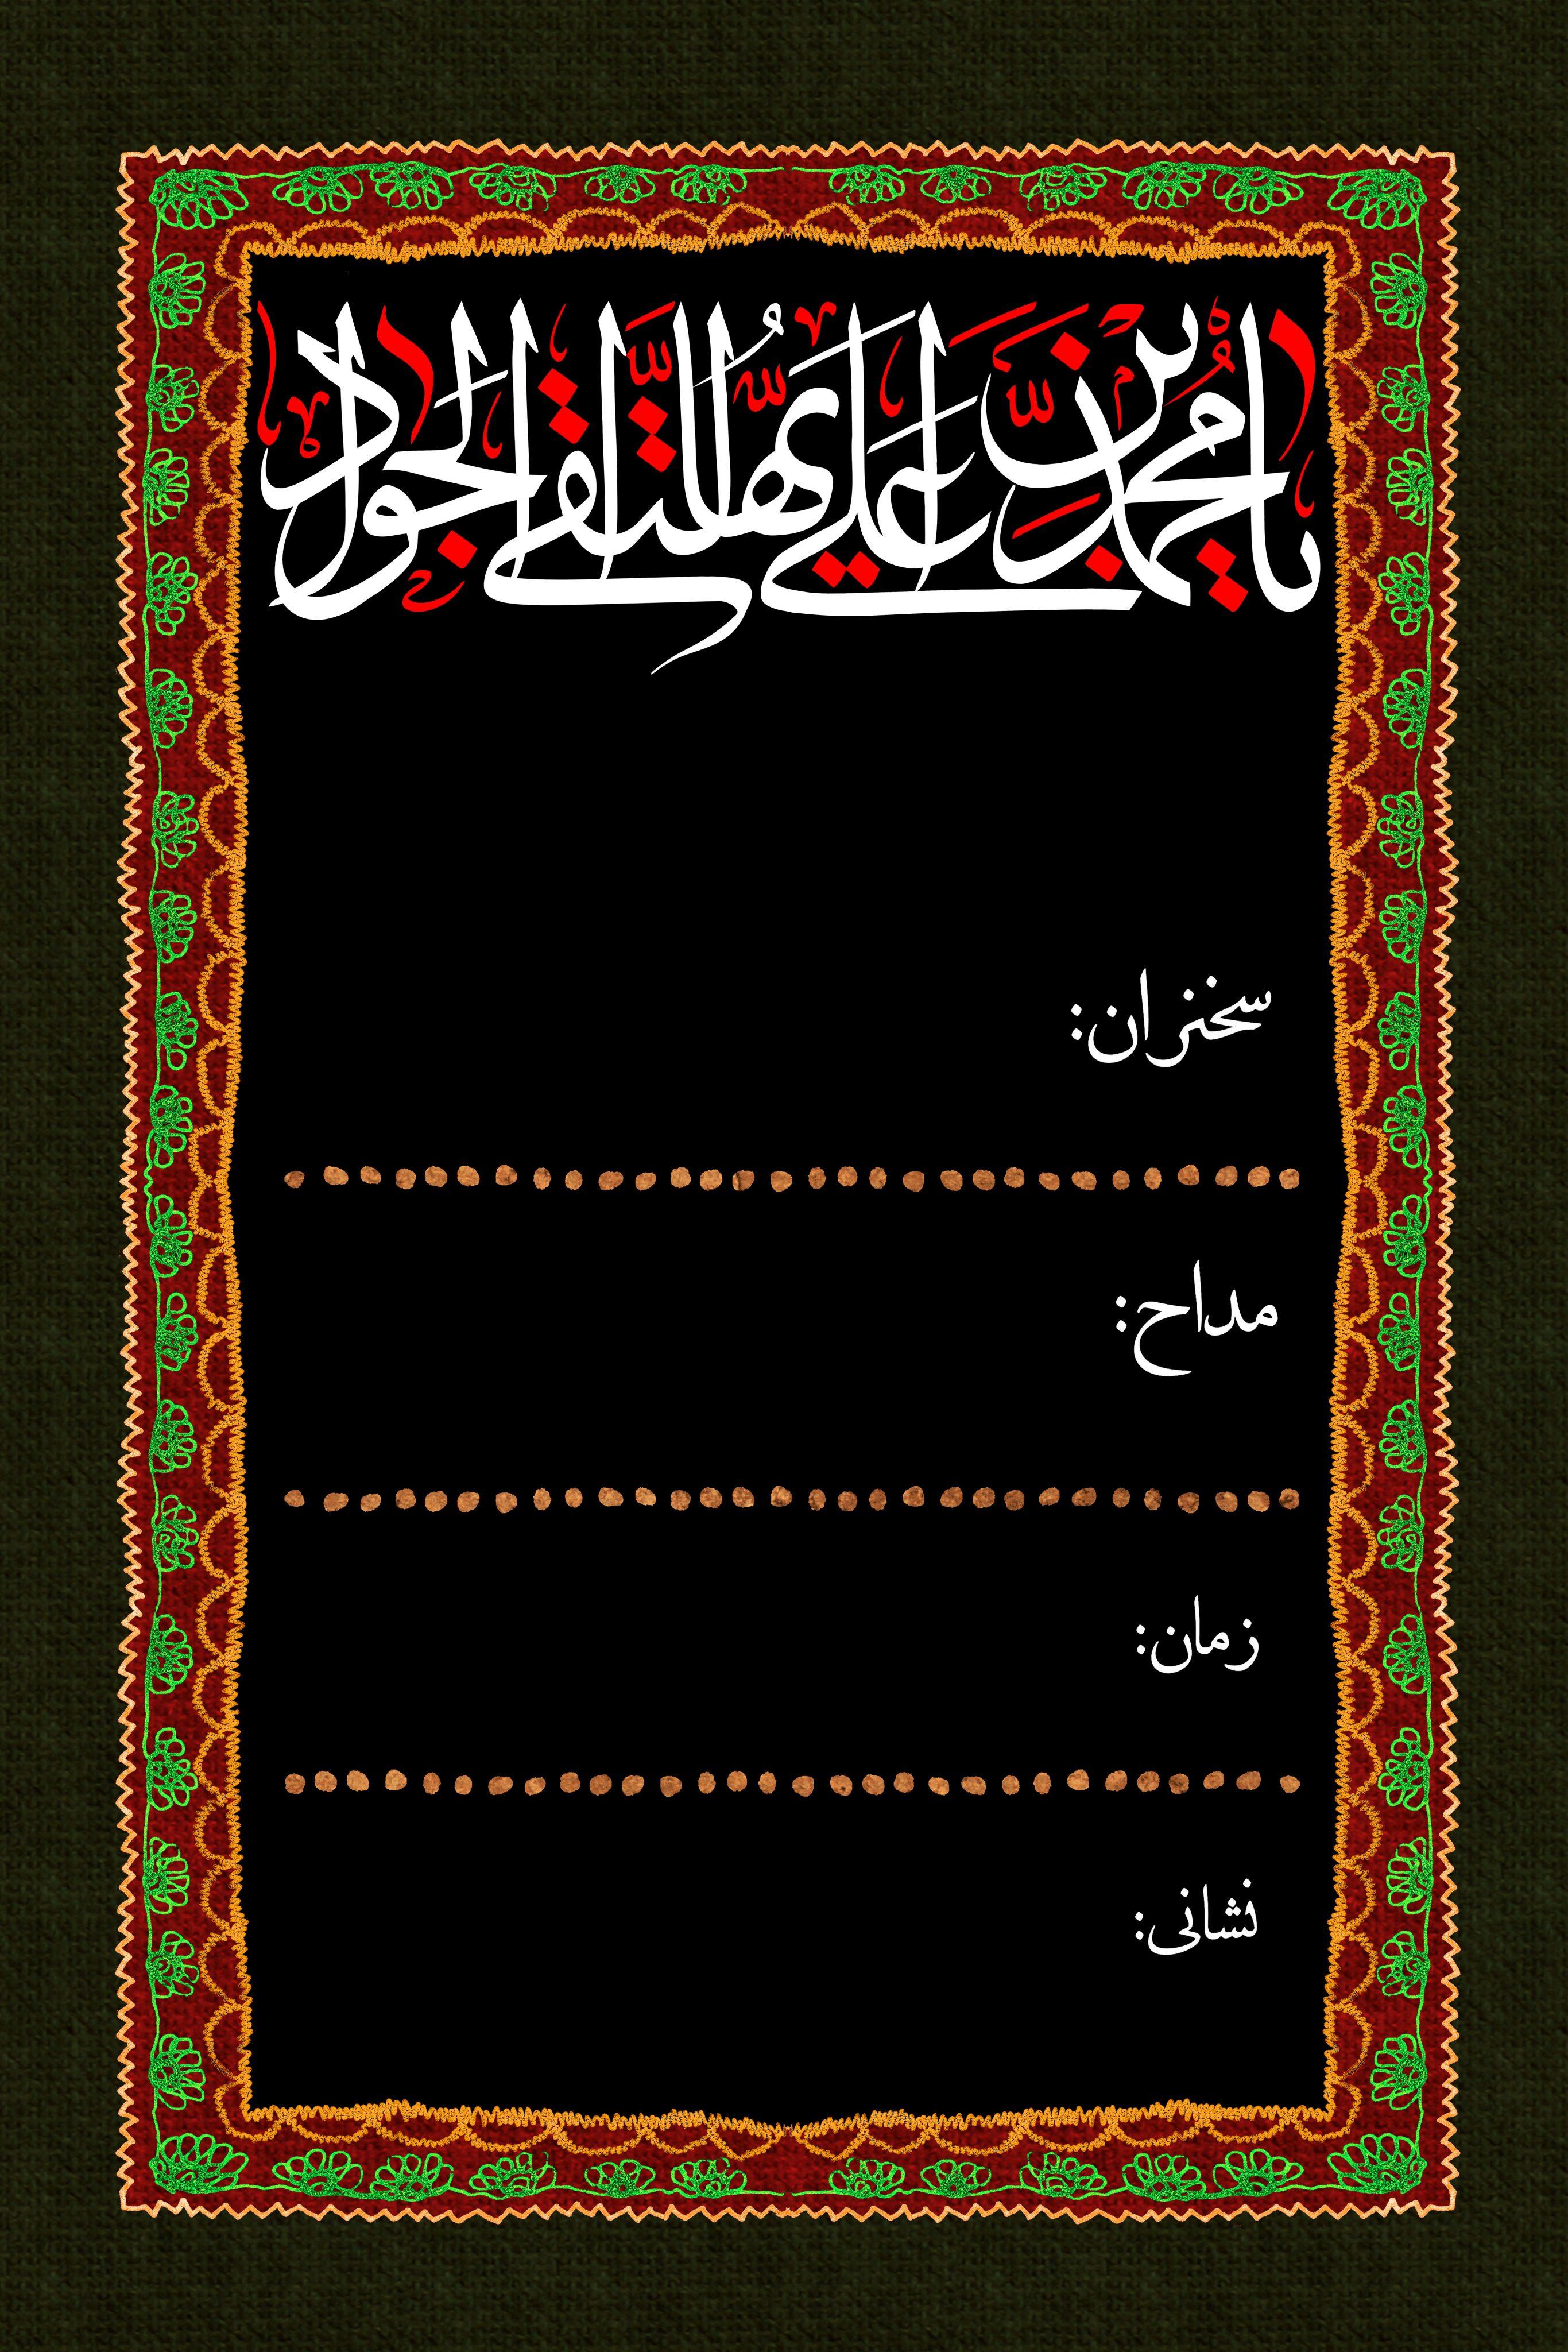 پوستر اطلاع رسانی شهادت امام جواد